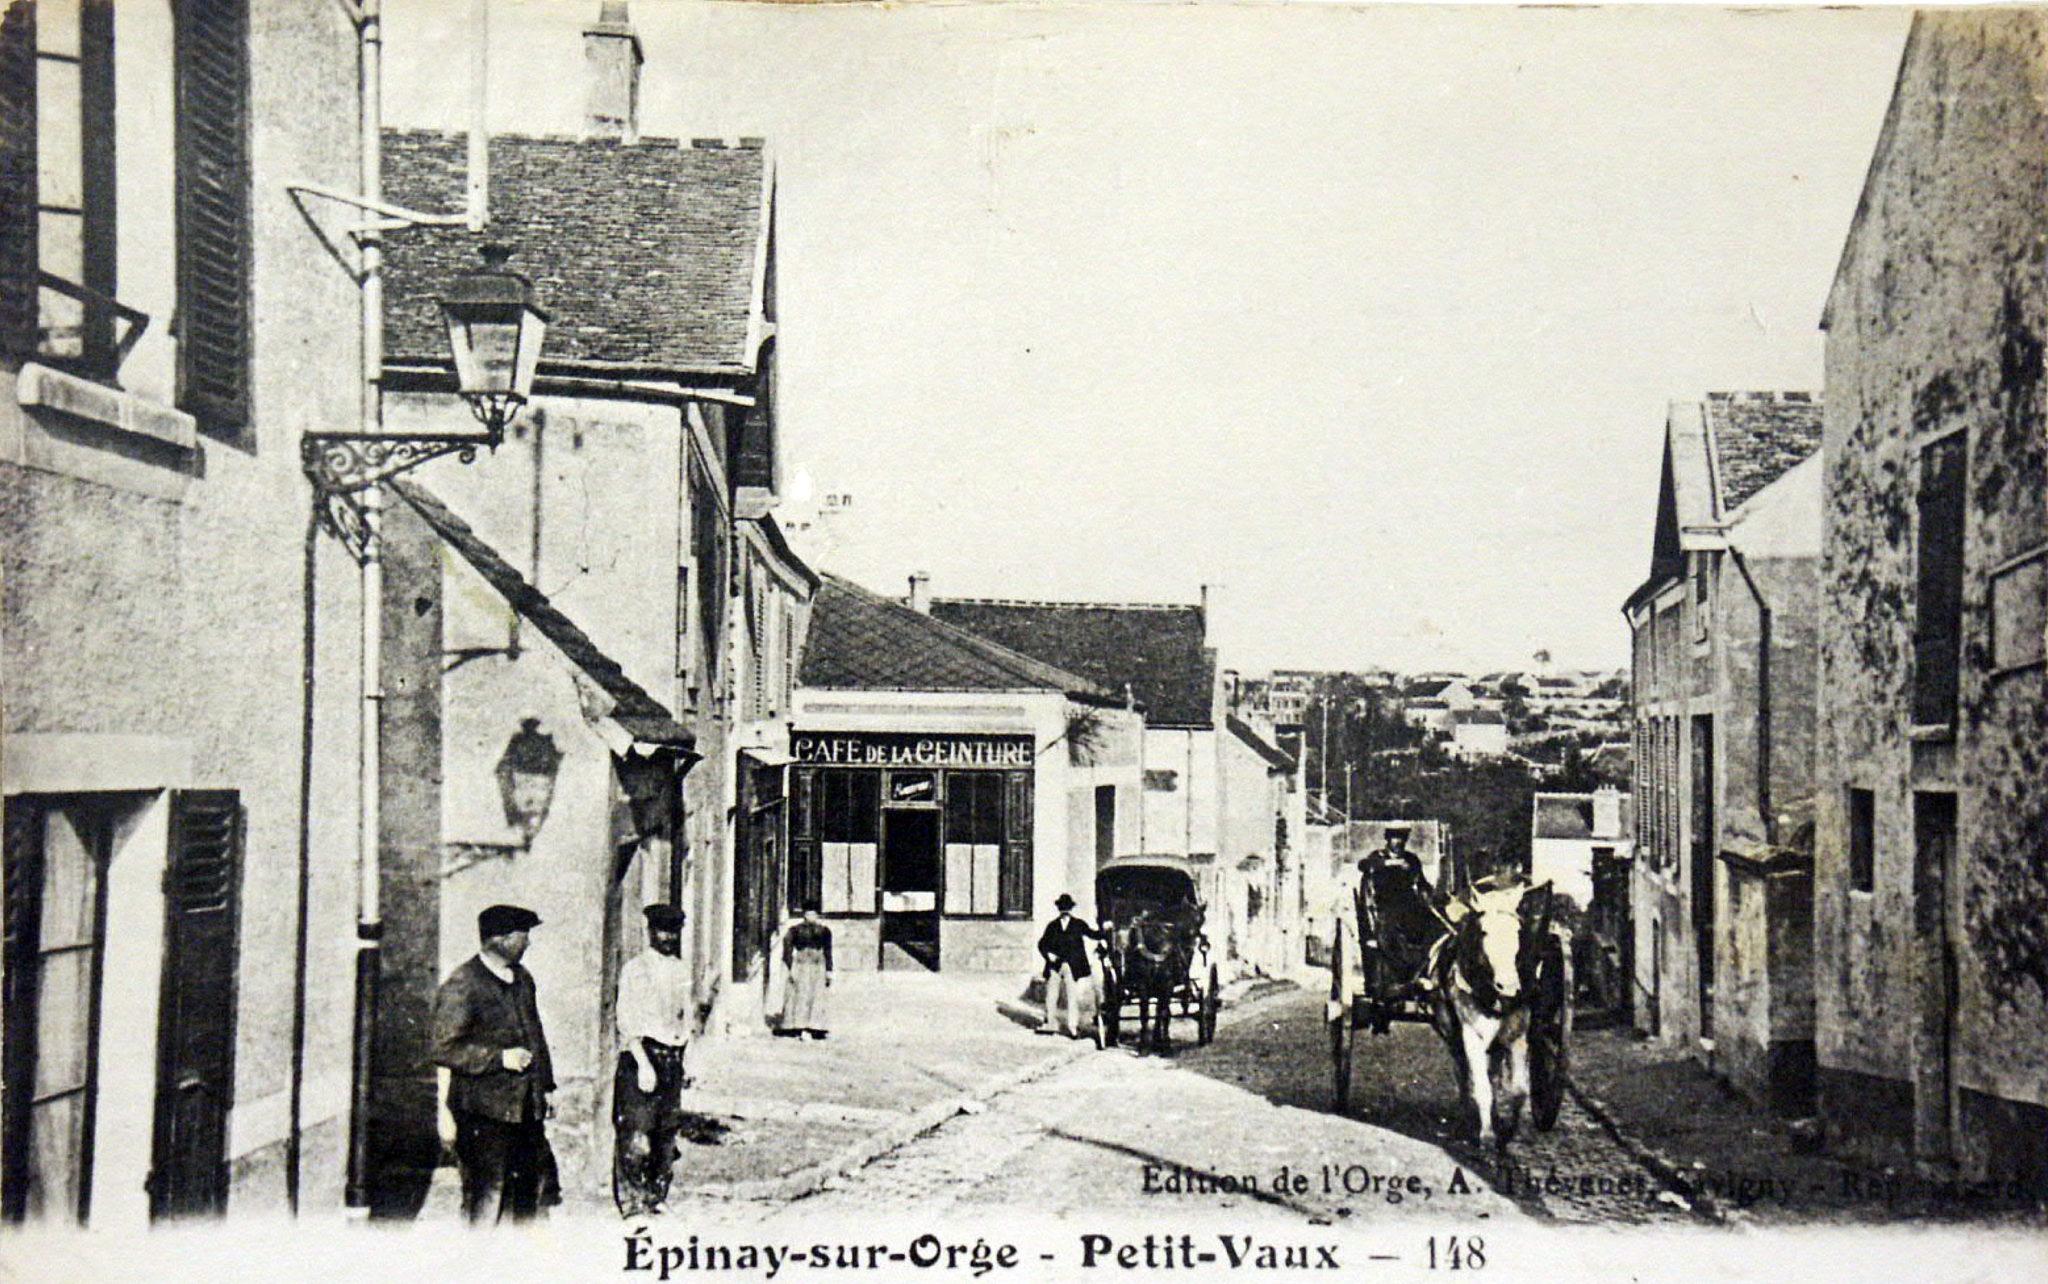 Petit-Vaux archives